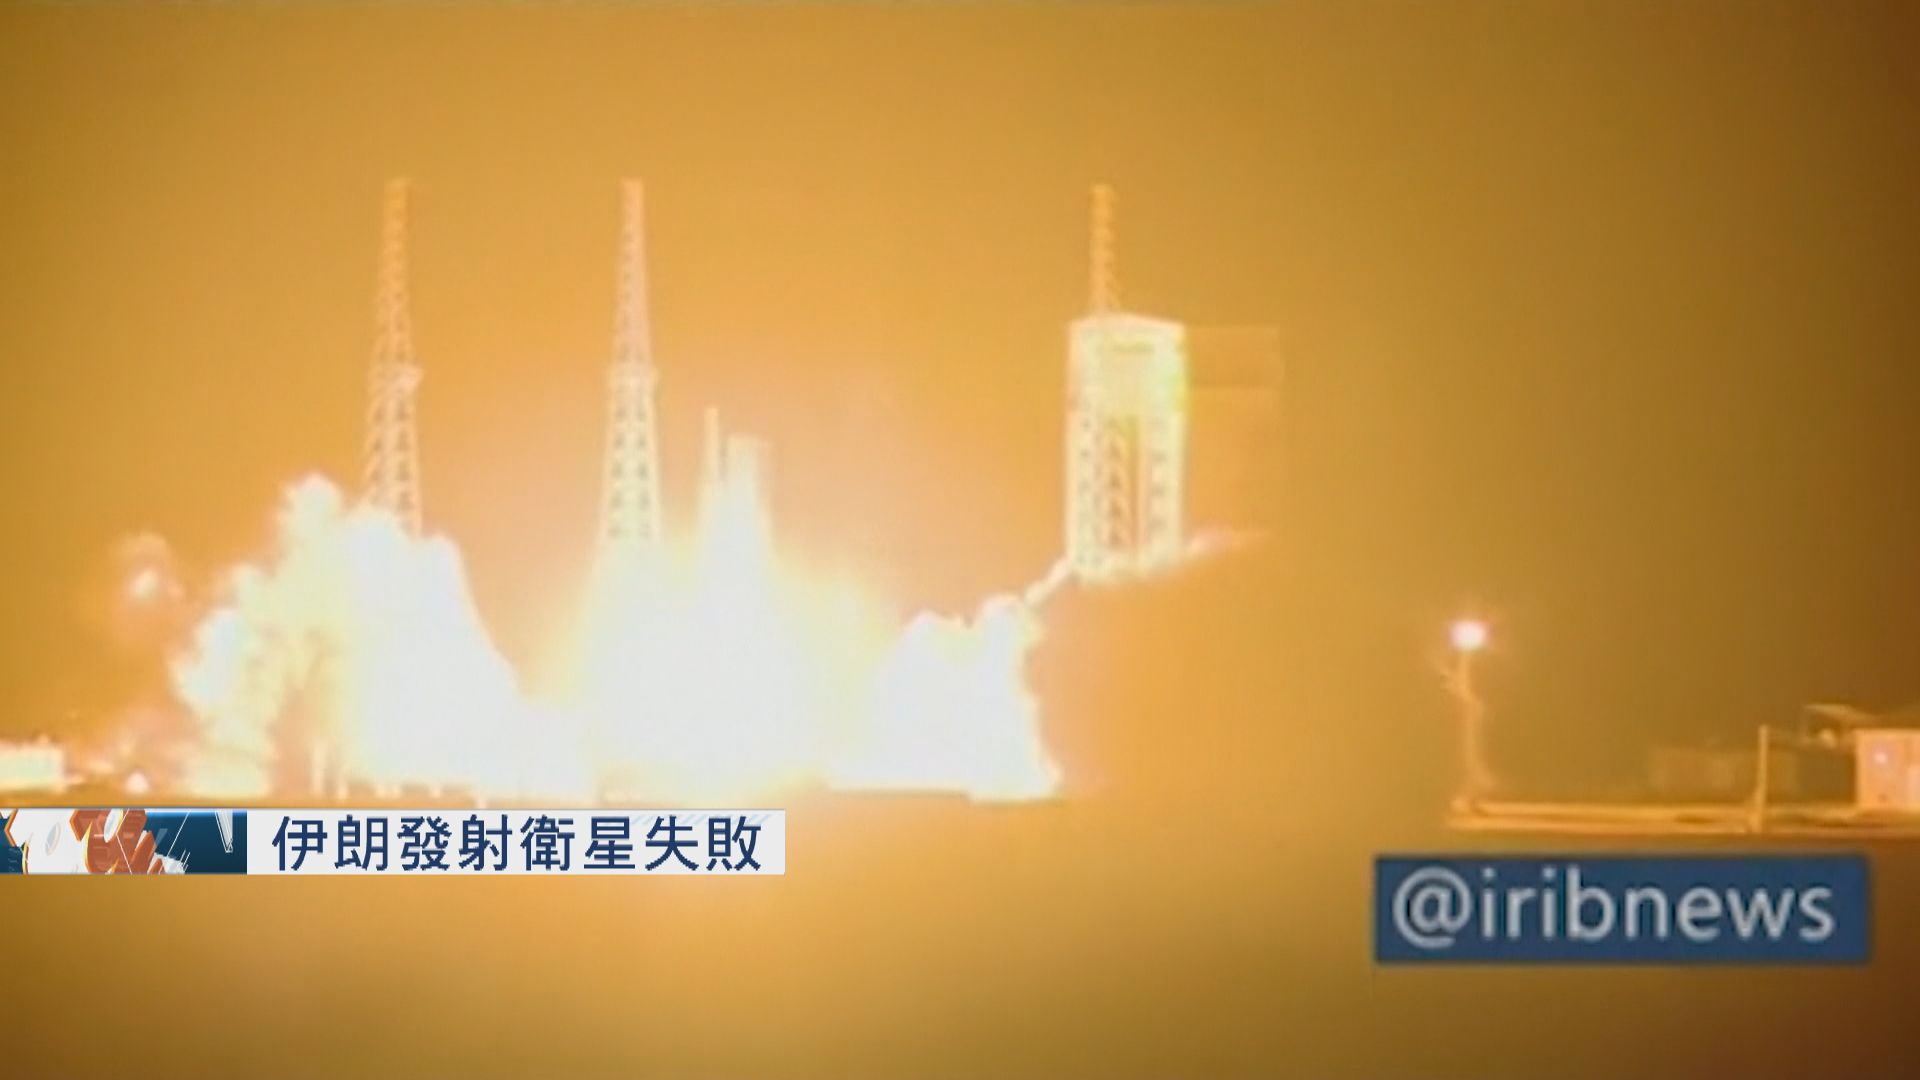 伊朗發射衛星失敗 是去年至今第三次